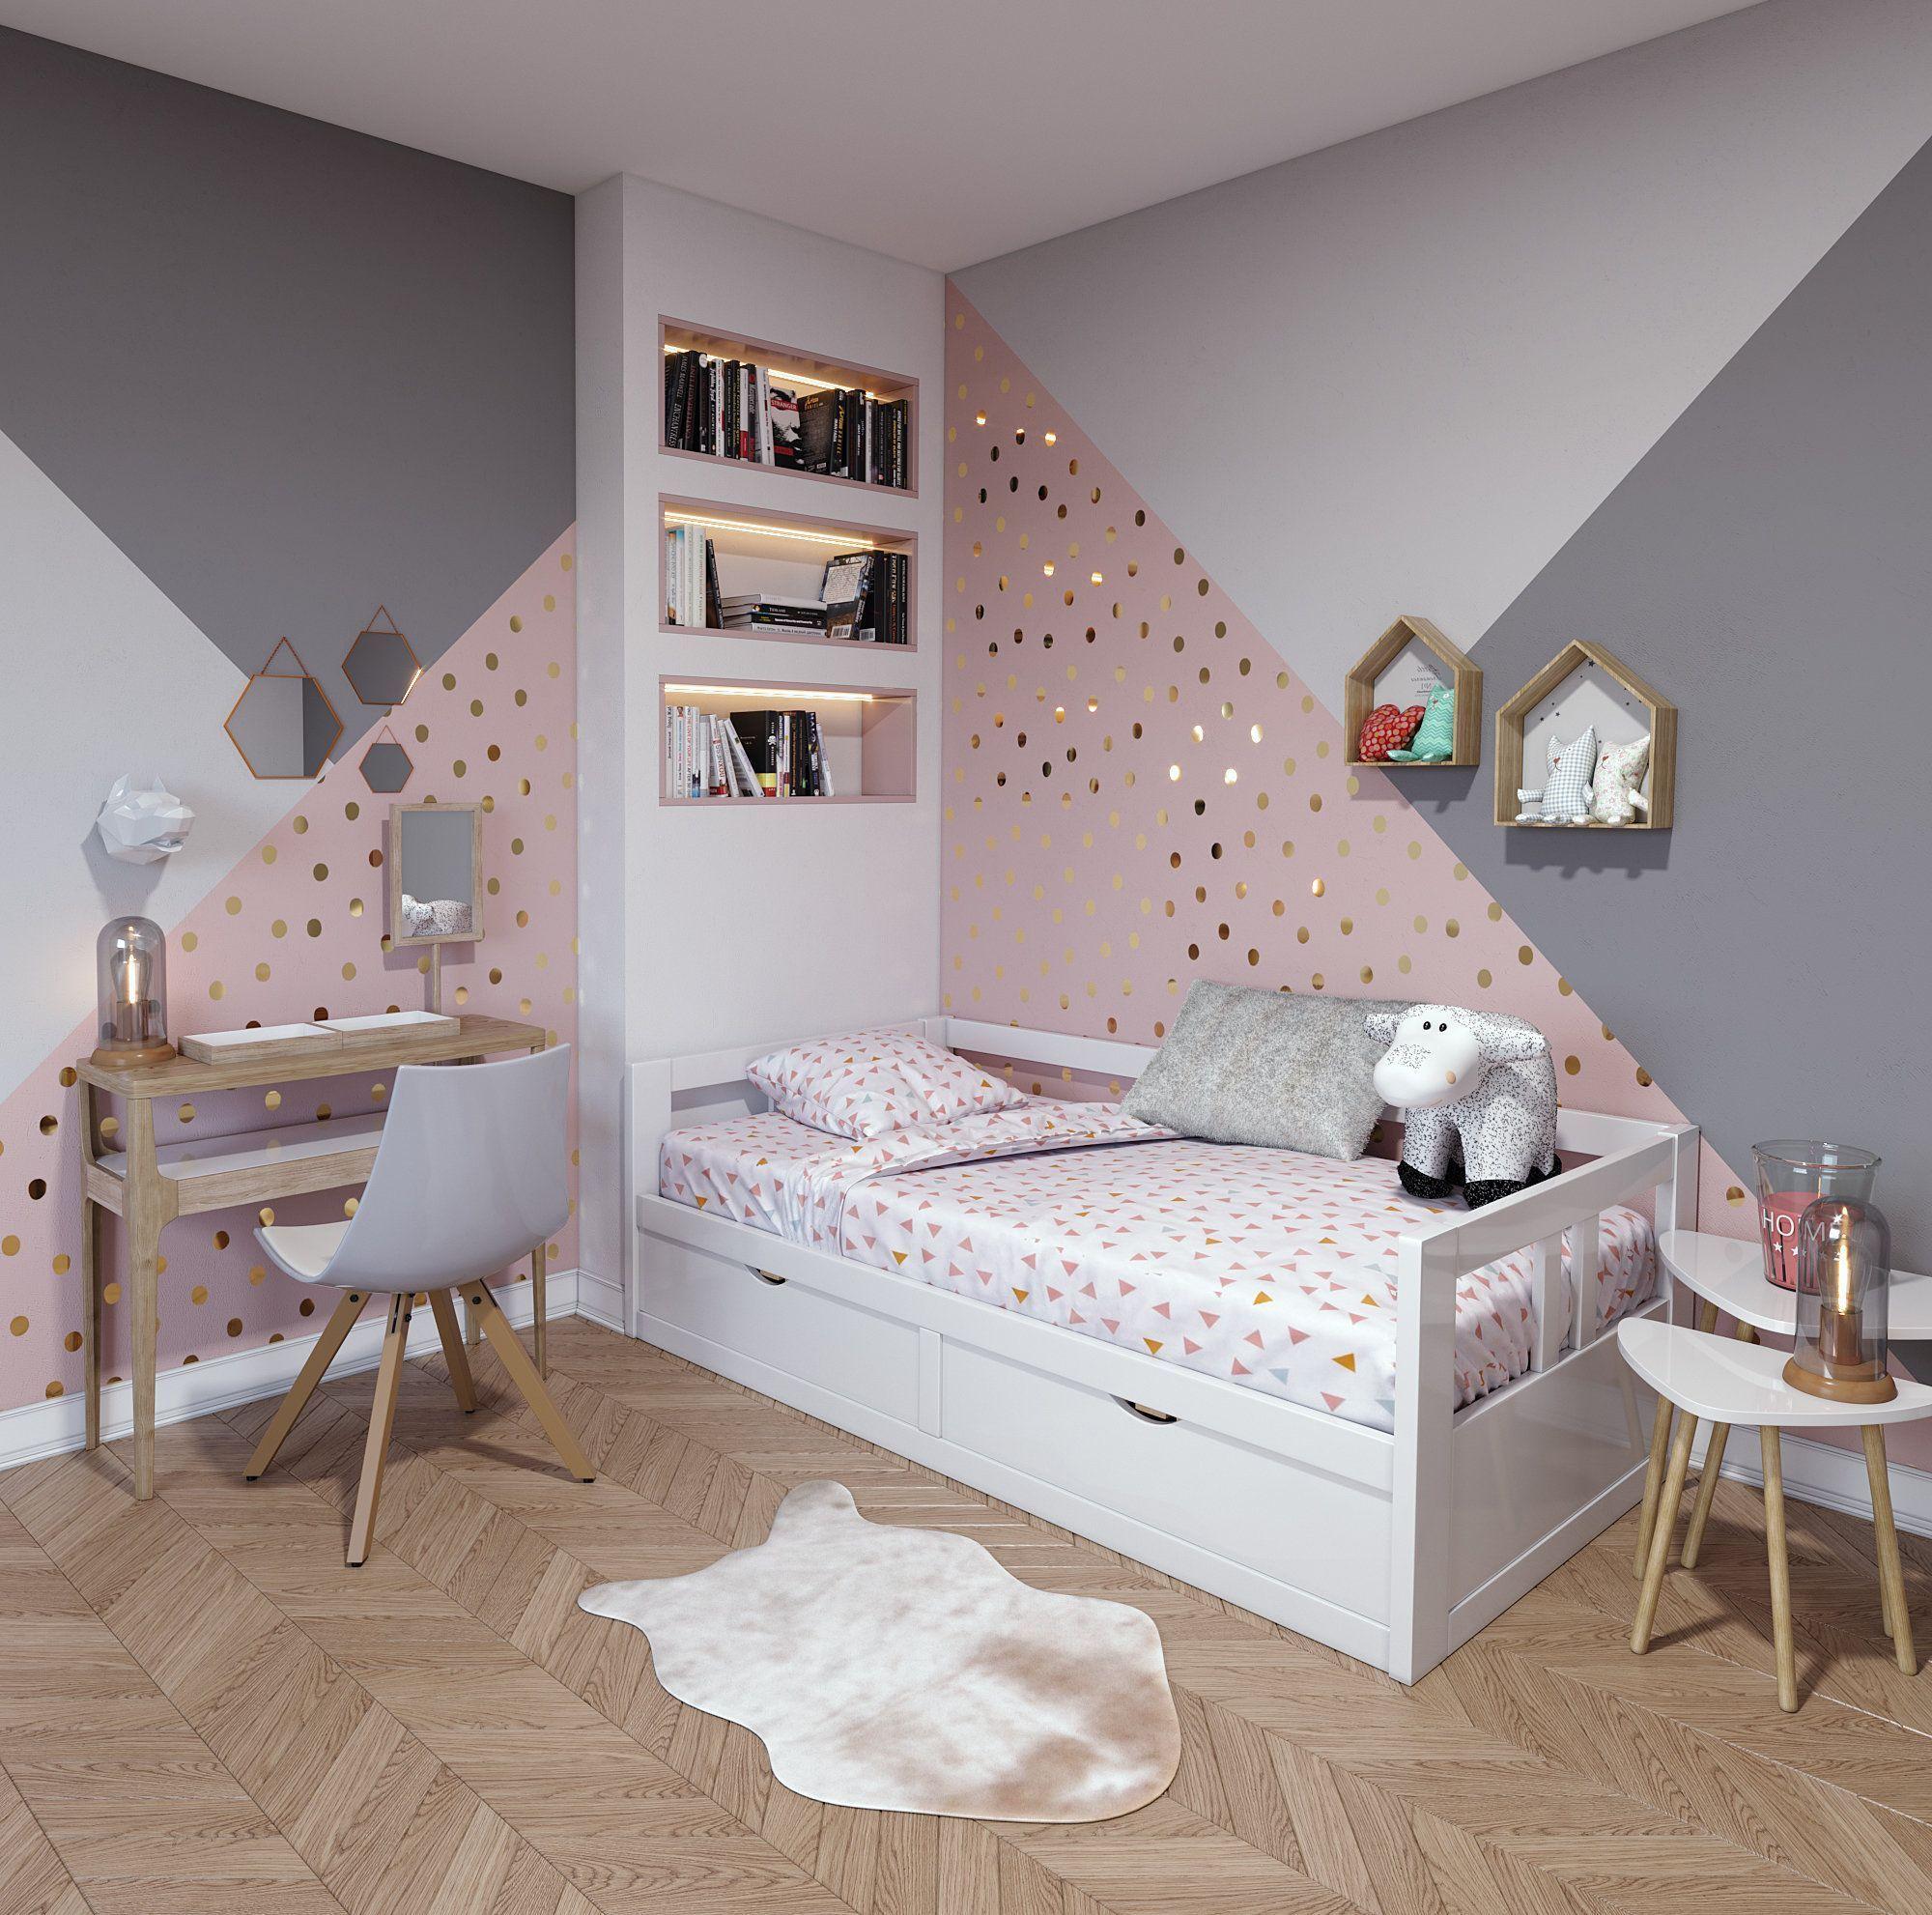 Fantastic Home Furniture Checklist #homecooking #LivingRoomFurnitureSets #kidbedrooms